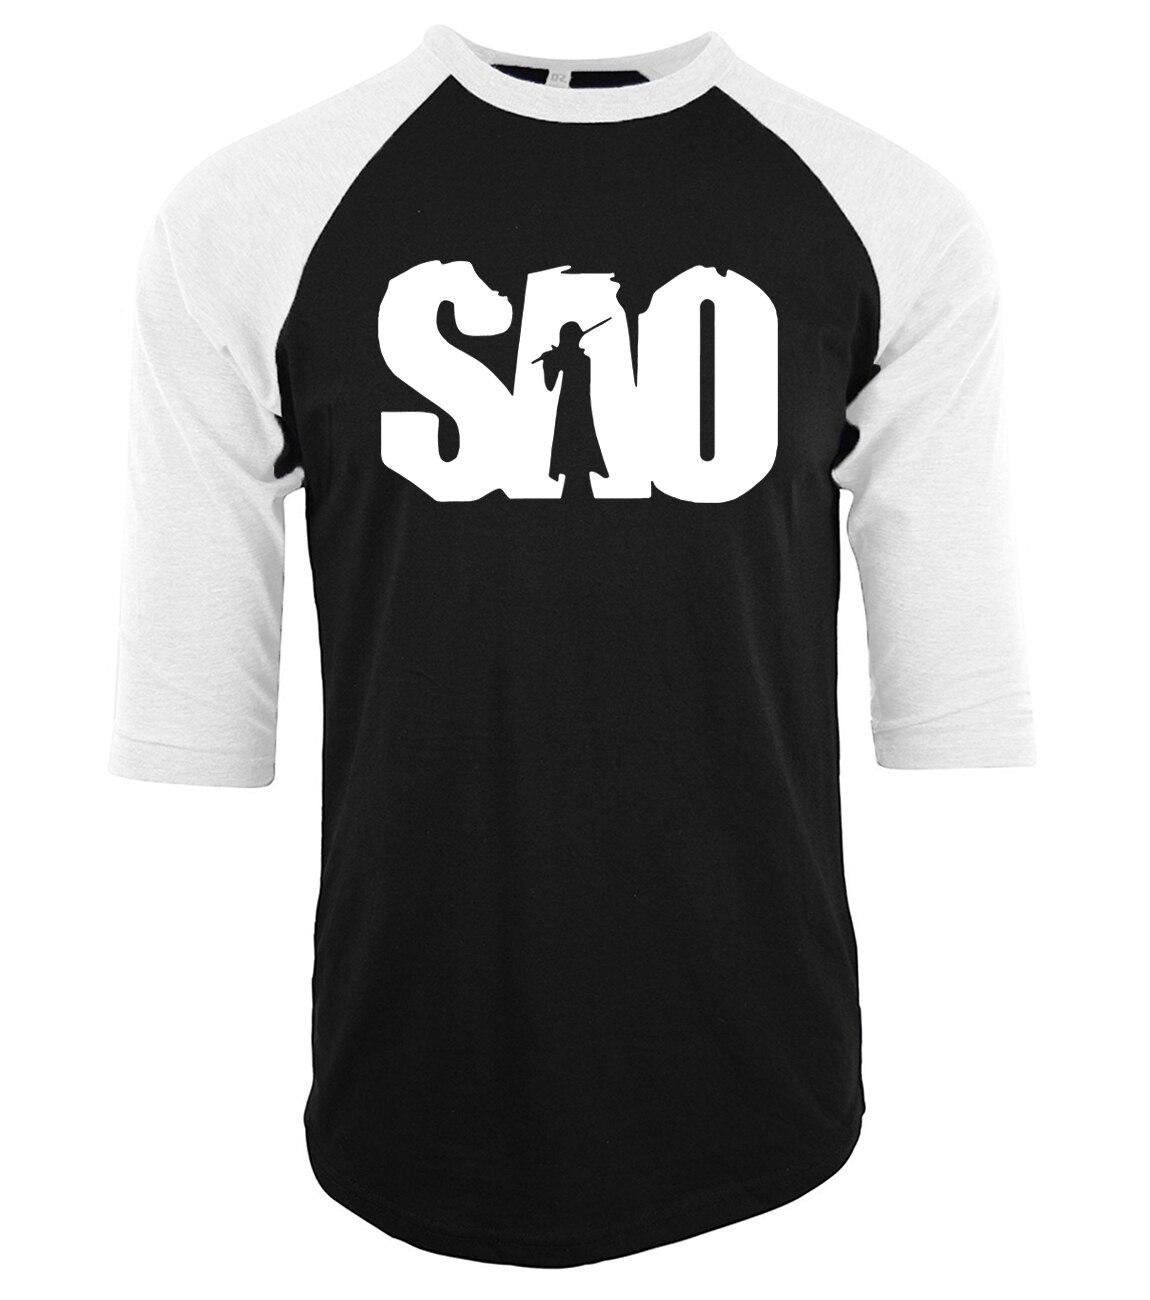 2019 Cotton three-quarter sleeve mens T-shirts  black top  T Shirt fashion fashion raglan kpop brand clothing mma